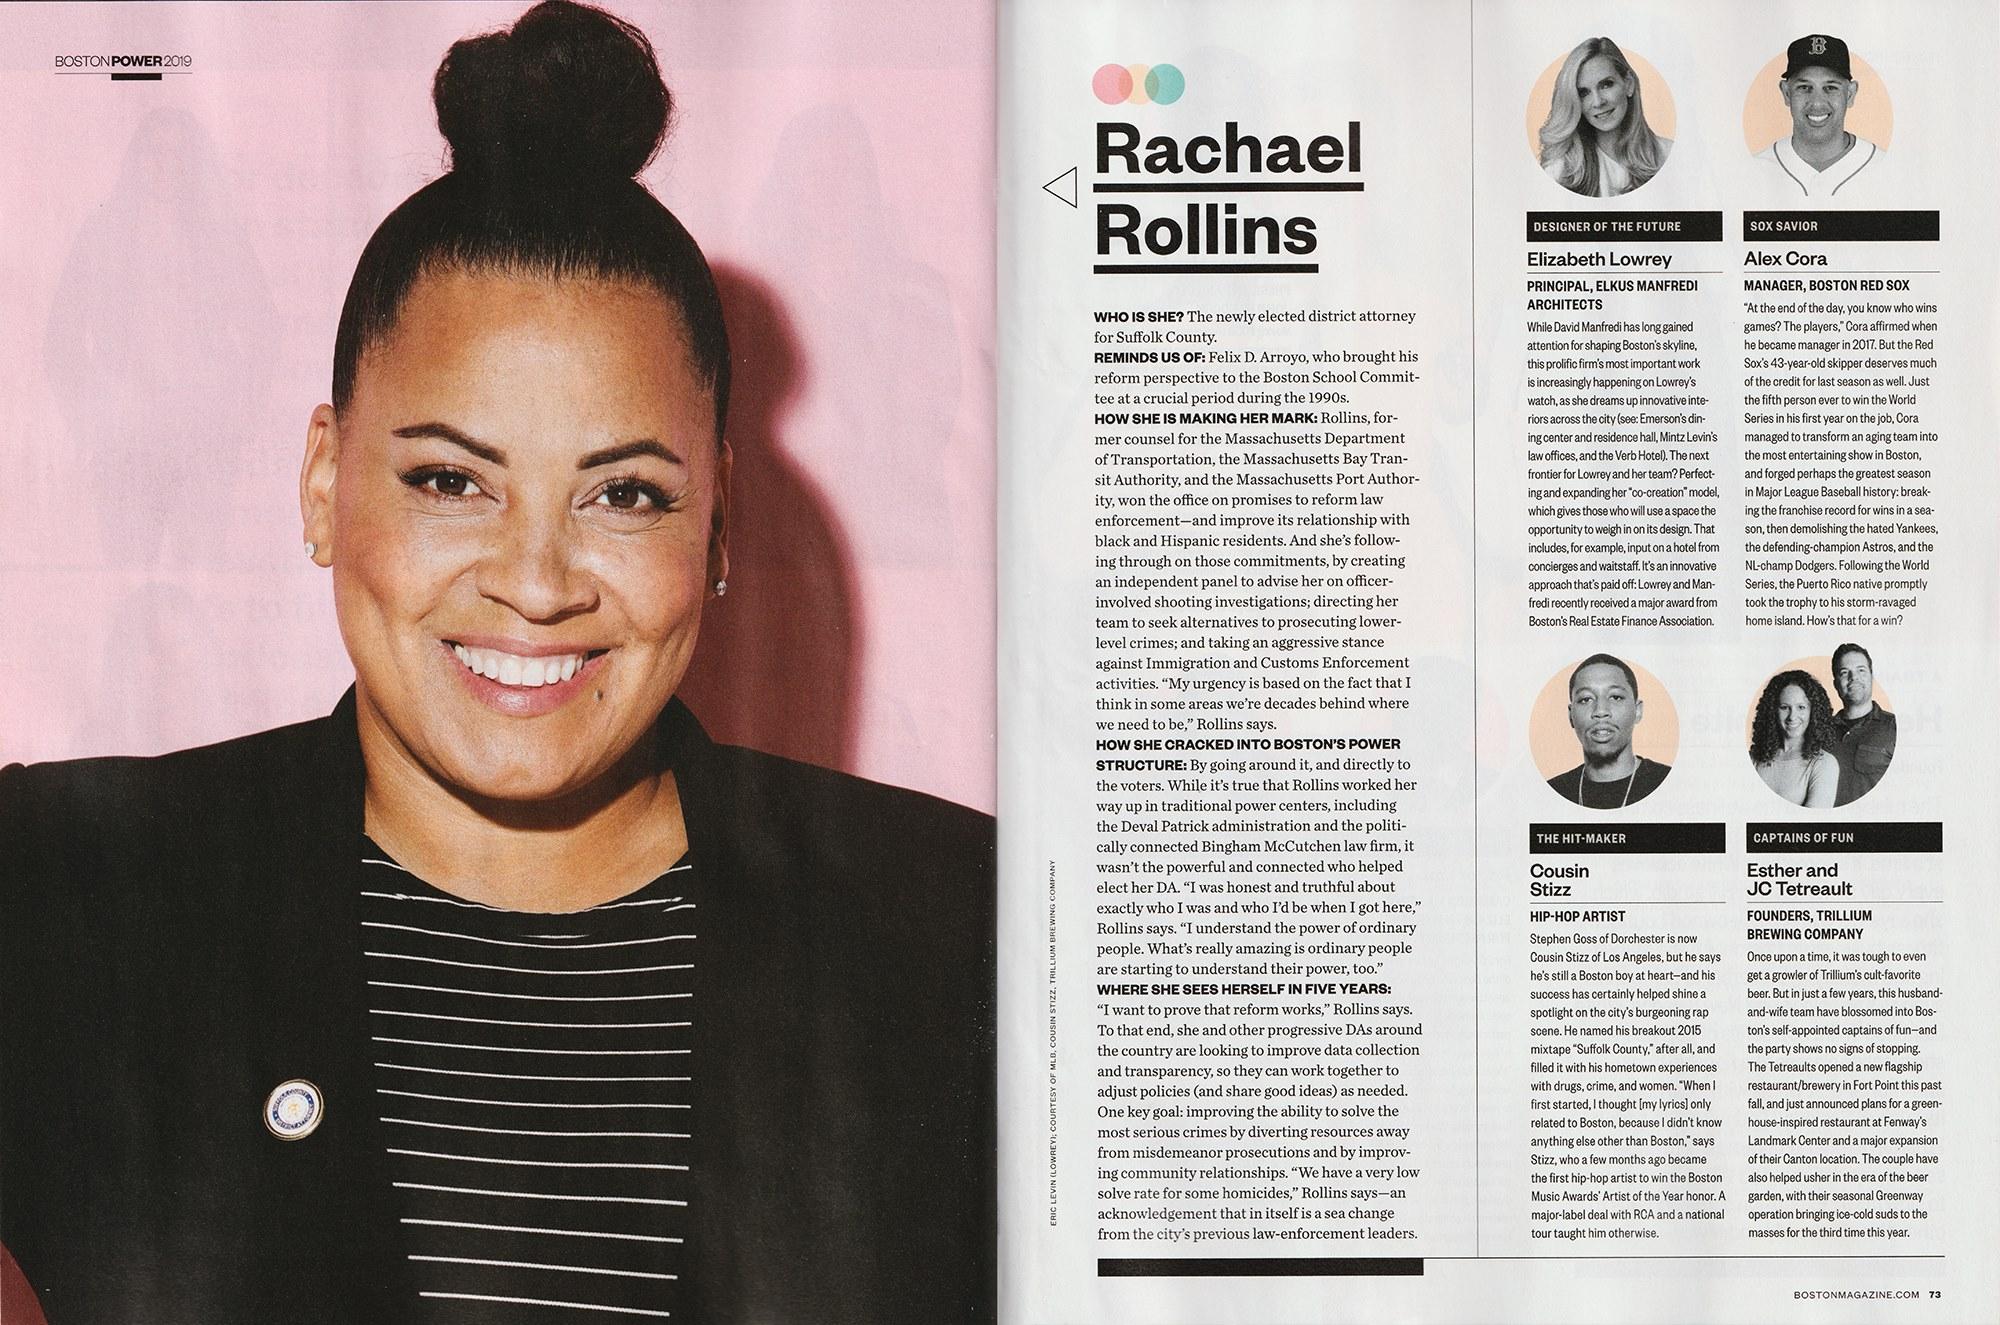 District Attorney Rachael Rollins